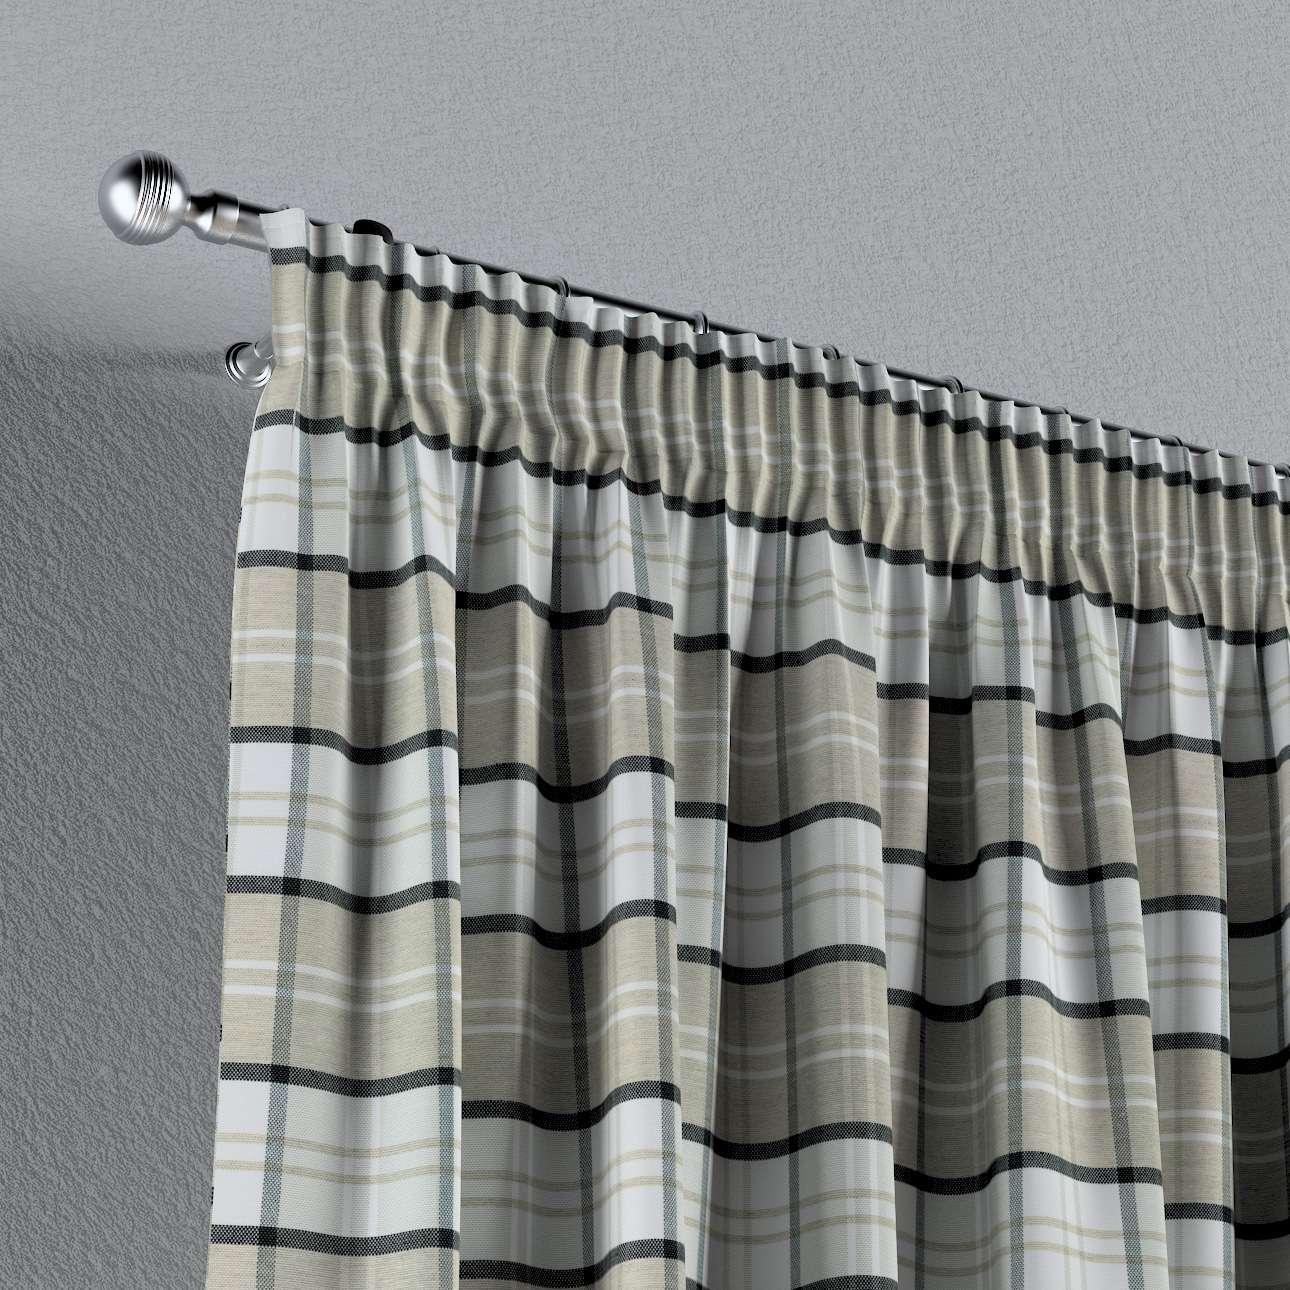 Vorhang mit Kräuselband von der Kollektion Bristol, Stoff: 143-64